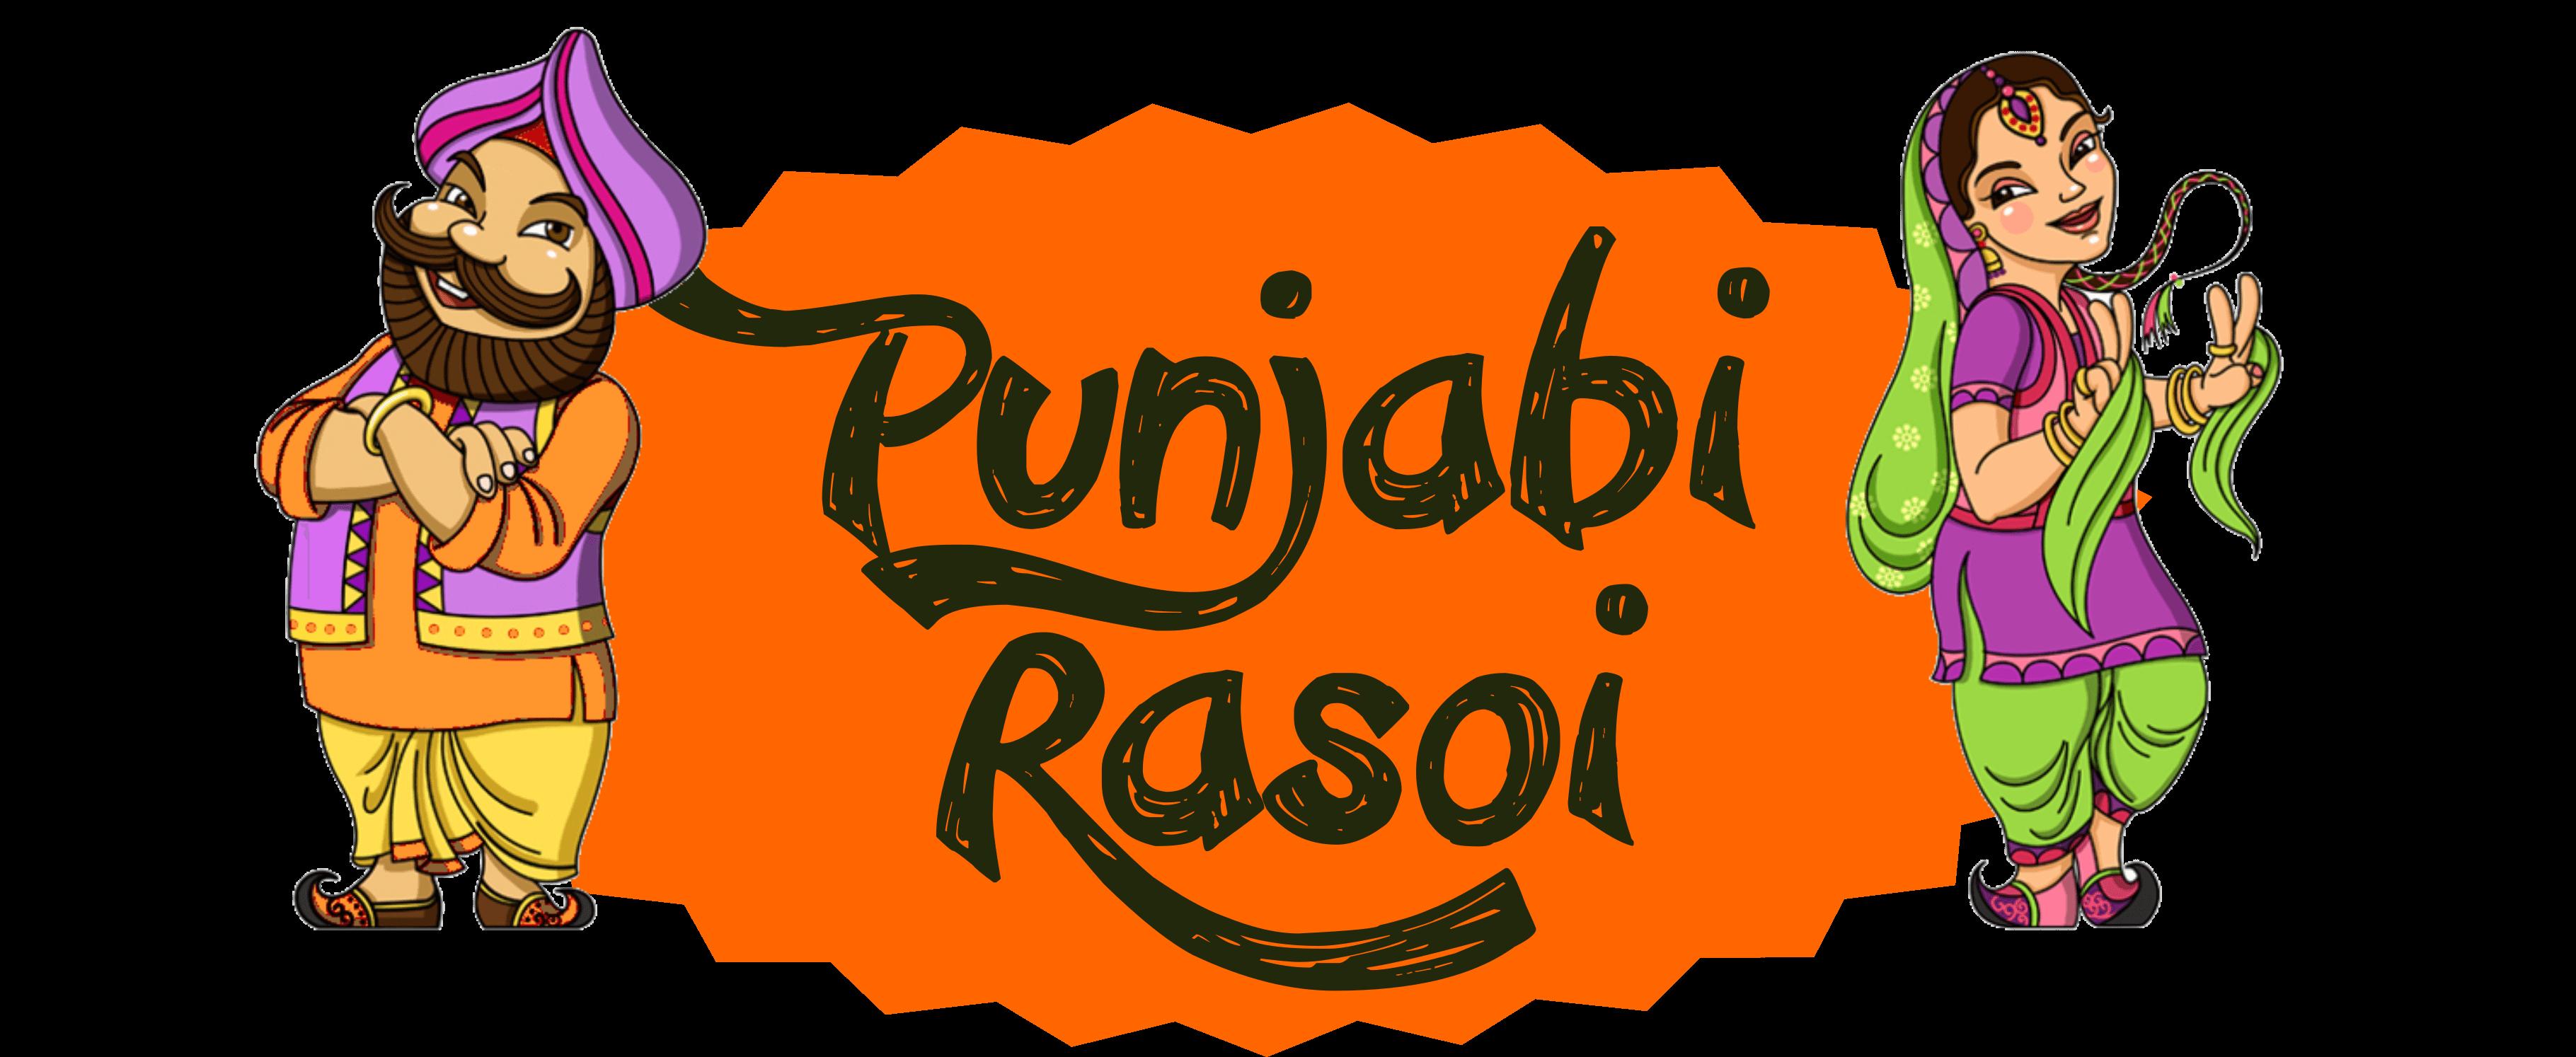 Dress clipart panjabi.  collection of punjabi